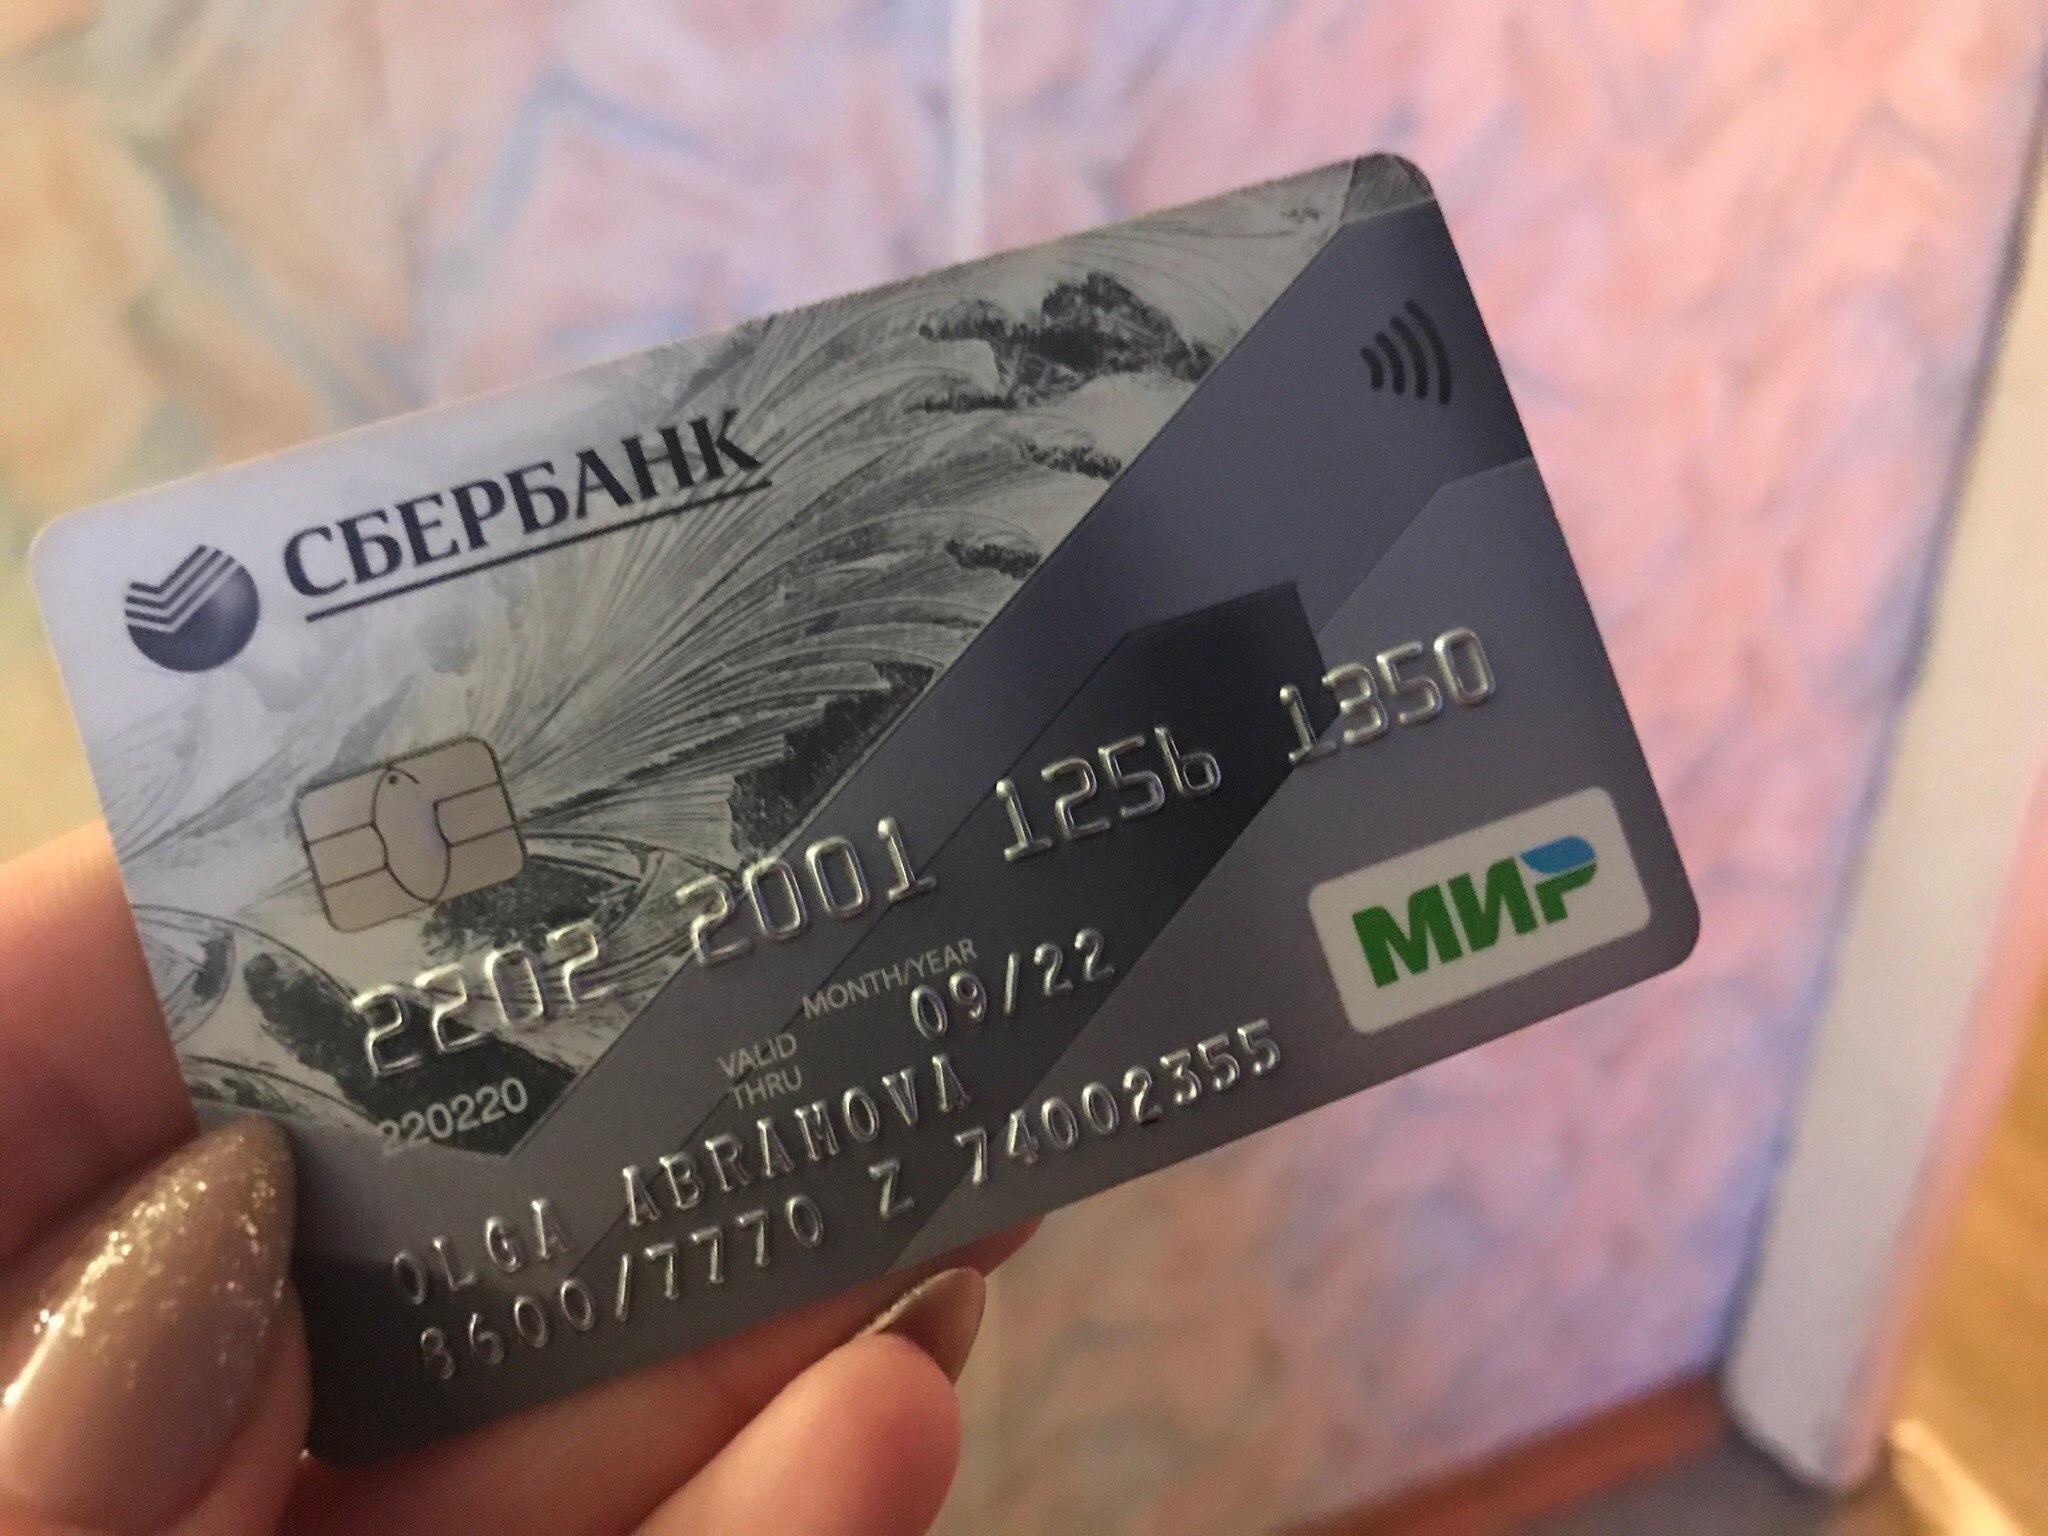 же, используем конкурс сфотографируй свою кредитку с двух сторон наши условия